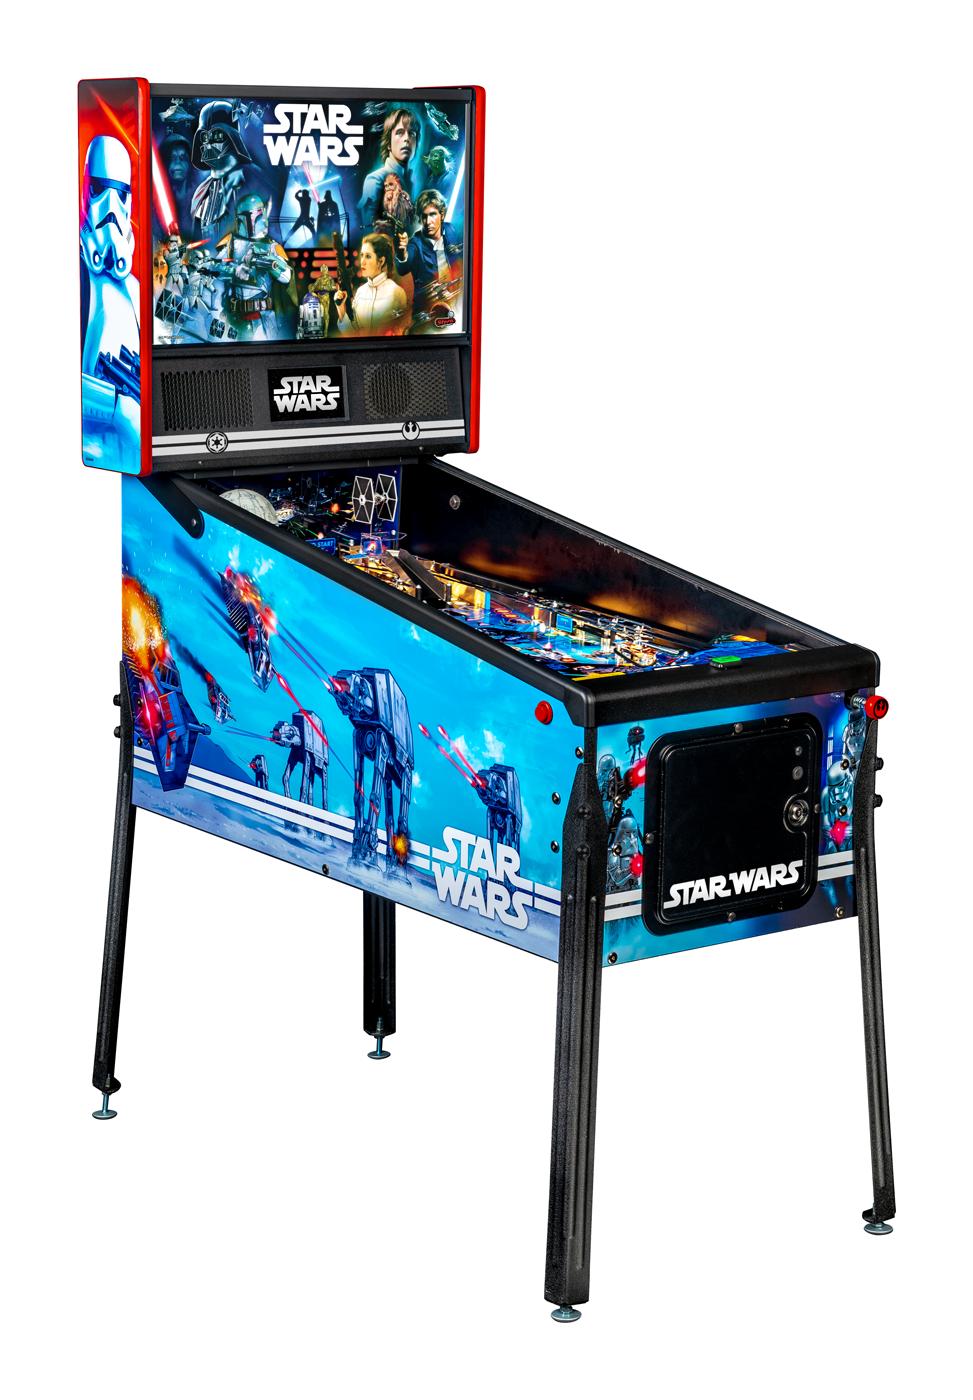 Star_Wars_Pin_Pinball_Machine_03